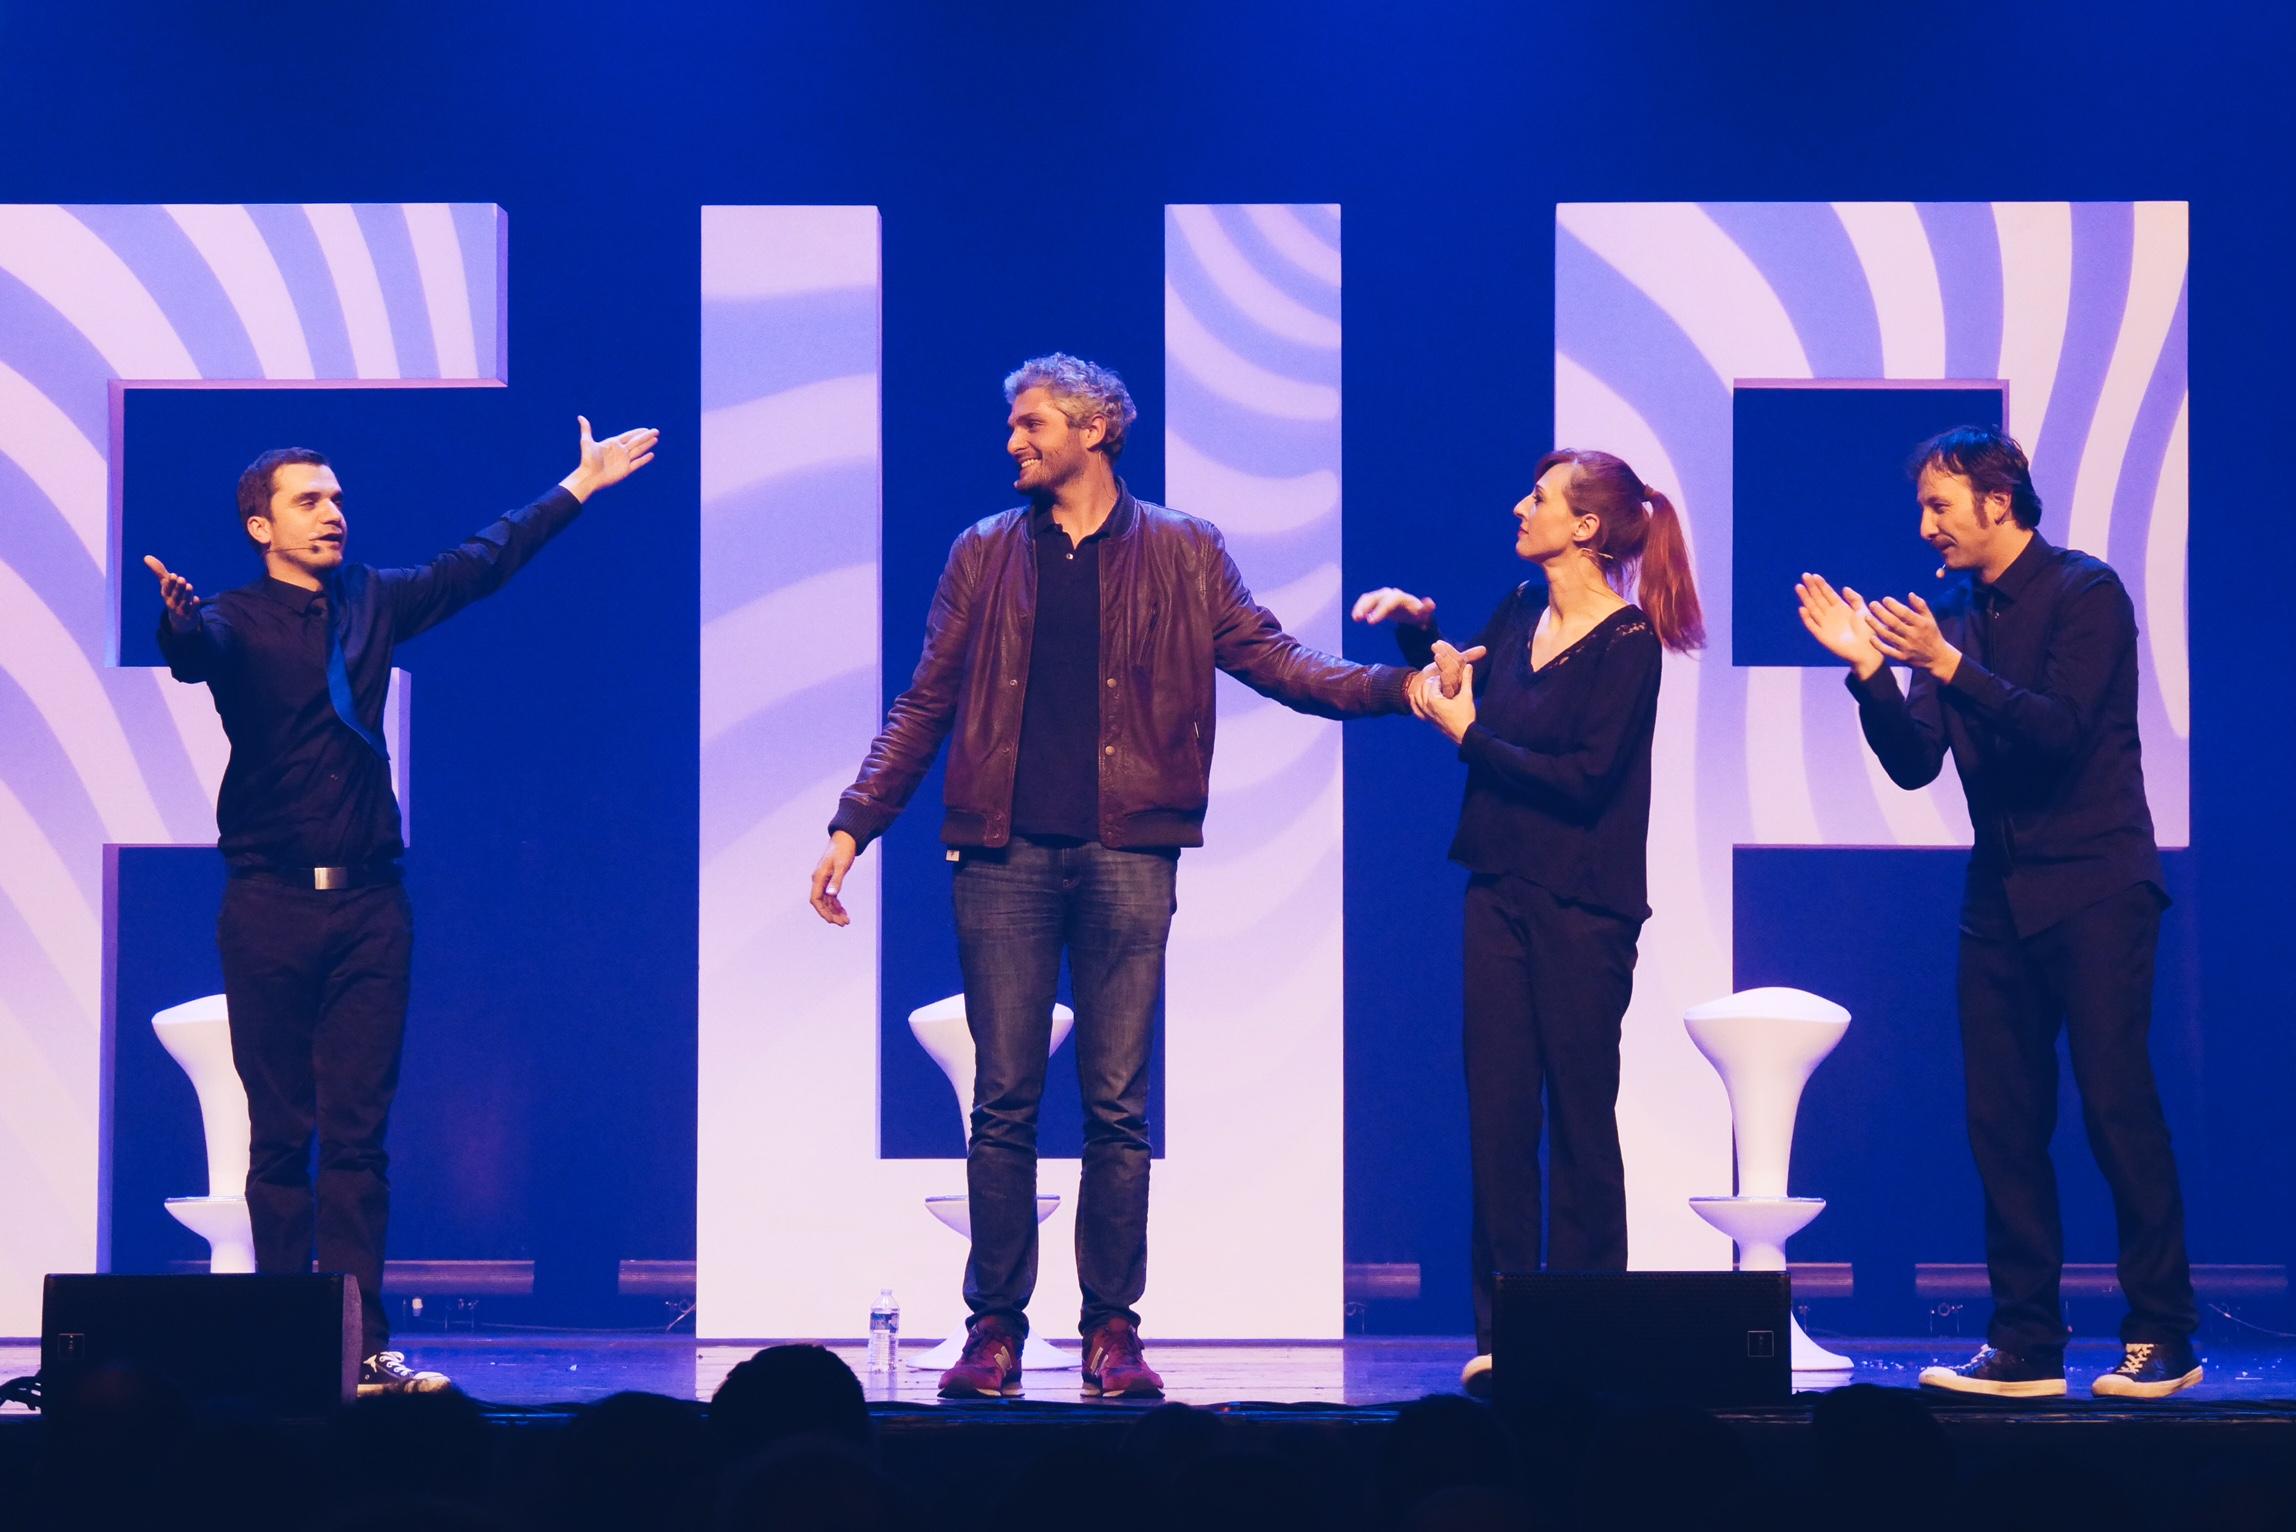 Le-Grand-Showtime-Pierre-Emmanuel-Barré-Julie-Muller-Astien-Bosche-Ludovic-Thievon-spectacle-impro-photo-usofparis-blog